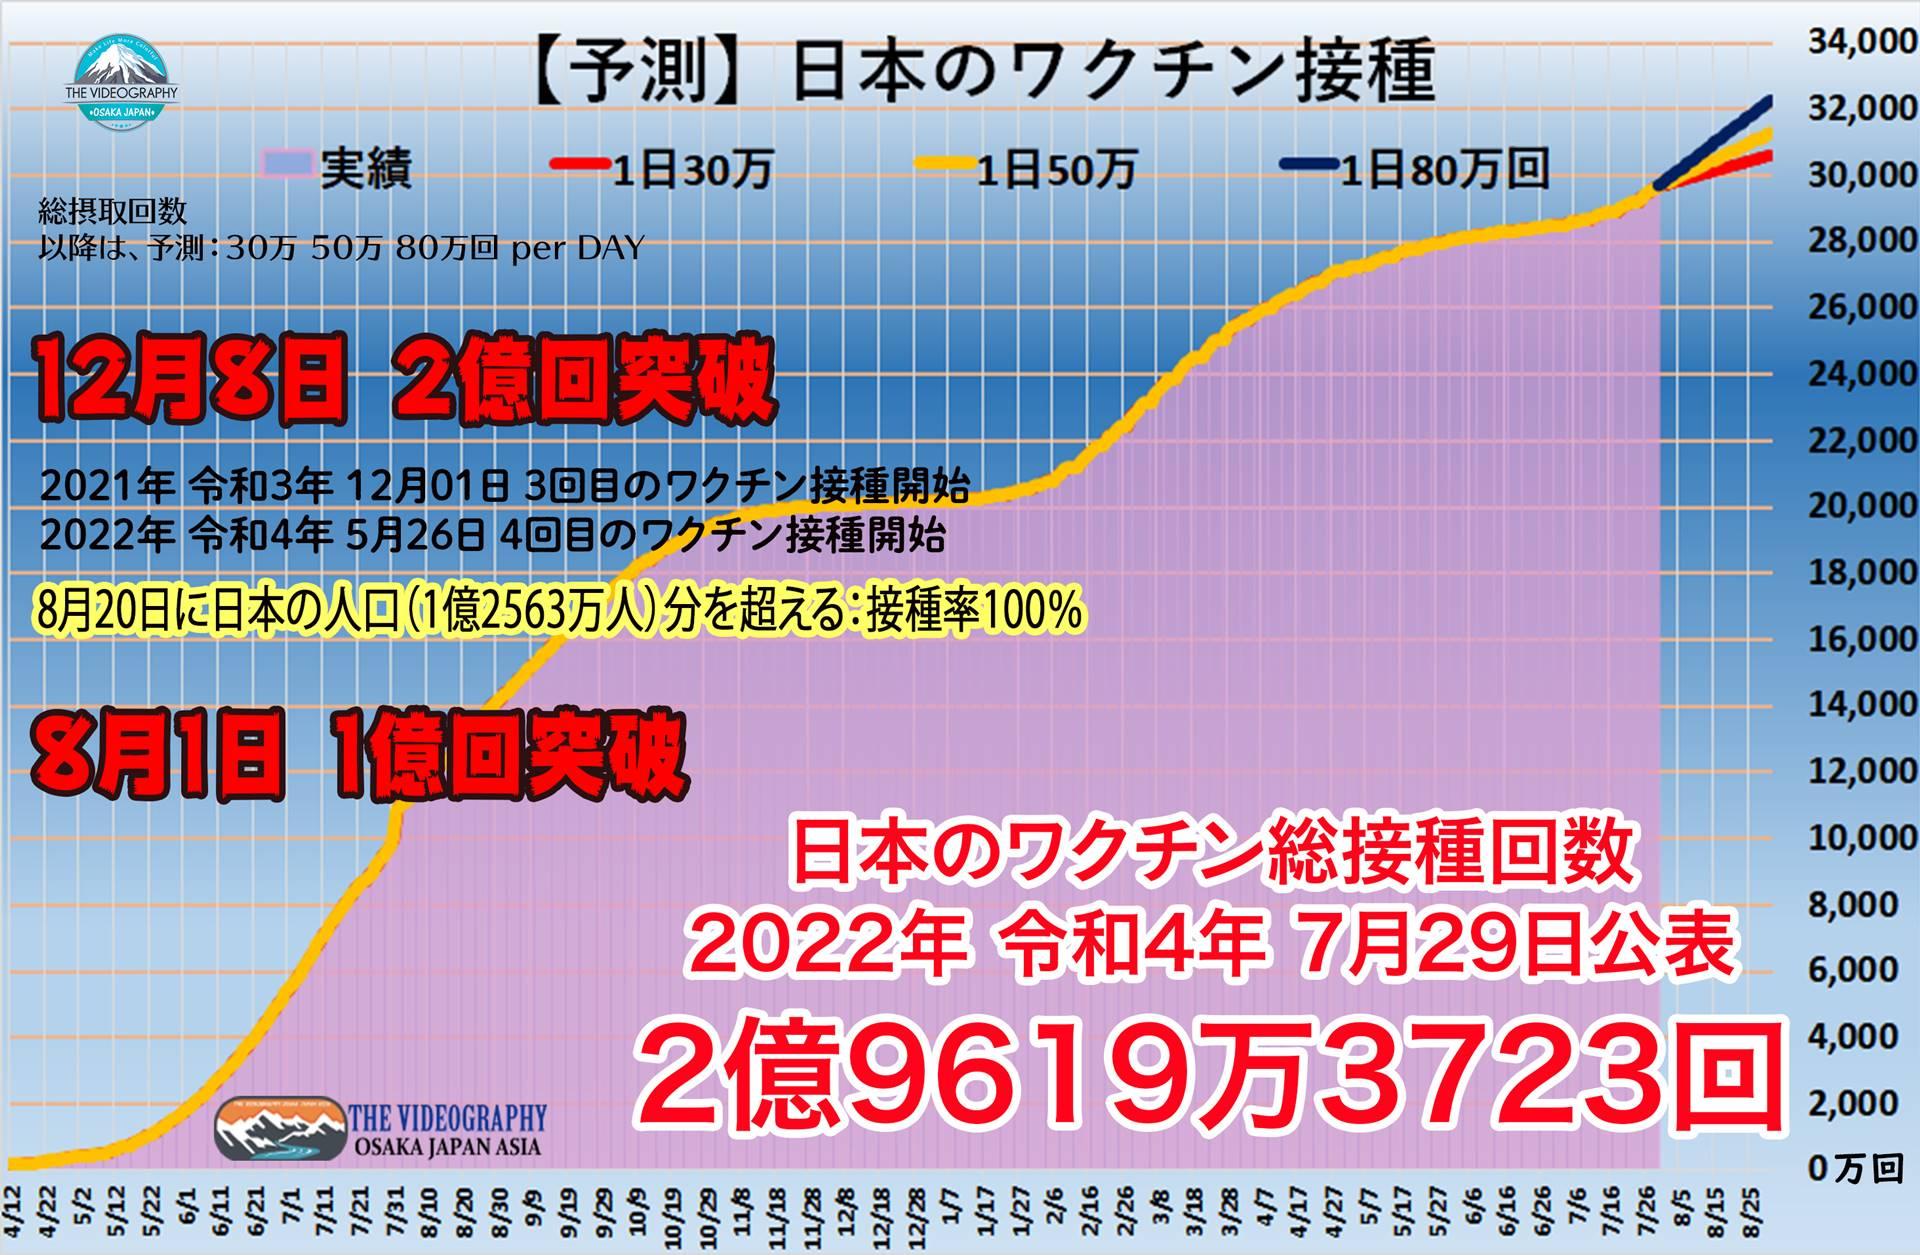 Covid-19 Vaccination in Japan. 日本の新型コロナウイルスワクチン接種状況。今後の展開。オリンピックまでに日本のワクチン接種対象者の過半数が1回可能。安心安全のオリンピックが日本で開催可能。集団免疫獲得時期は早くても9月下旬以降となる予測。新型コロナウイルス Covid-19 coronavirus 新型肺炎 Pandemic パンデミックやVaccines ワクチン接種状況に関する情報。日本の新型コロナウイルス感染者の人数、ワクチン接種の状況やWHO World Health Organization 世界保健機関、コロナウイルスやワクチン接種に関する海外のデータベース Our World Data、BBC British Broadcasting Corporation 英国放送協会の報道内容、世界最速でワクチン接種が進み、集団免疫をを獲得したイスラエルの情報 インターネットメディア Time of Israelの記事など、主に海外からの情報を記載。